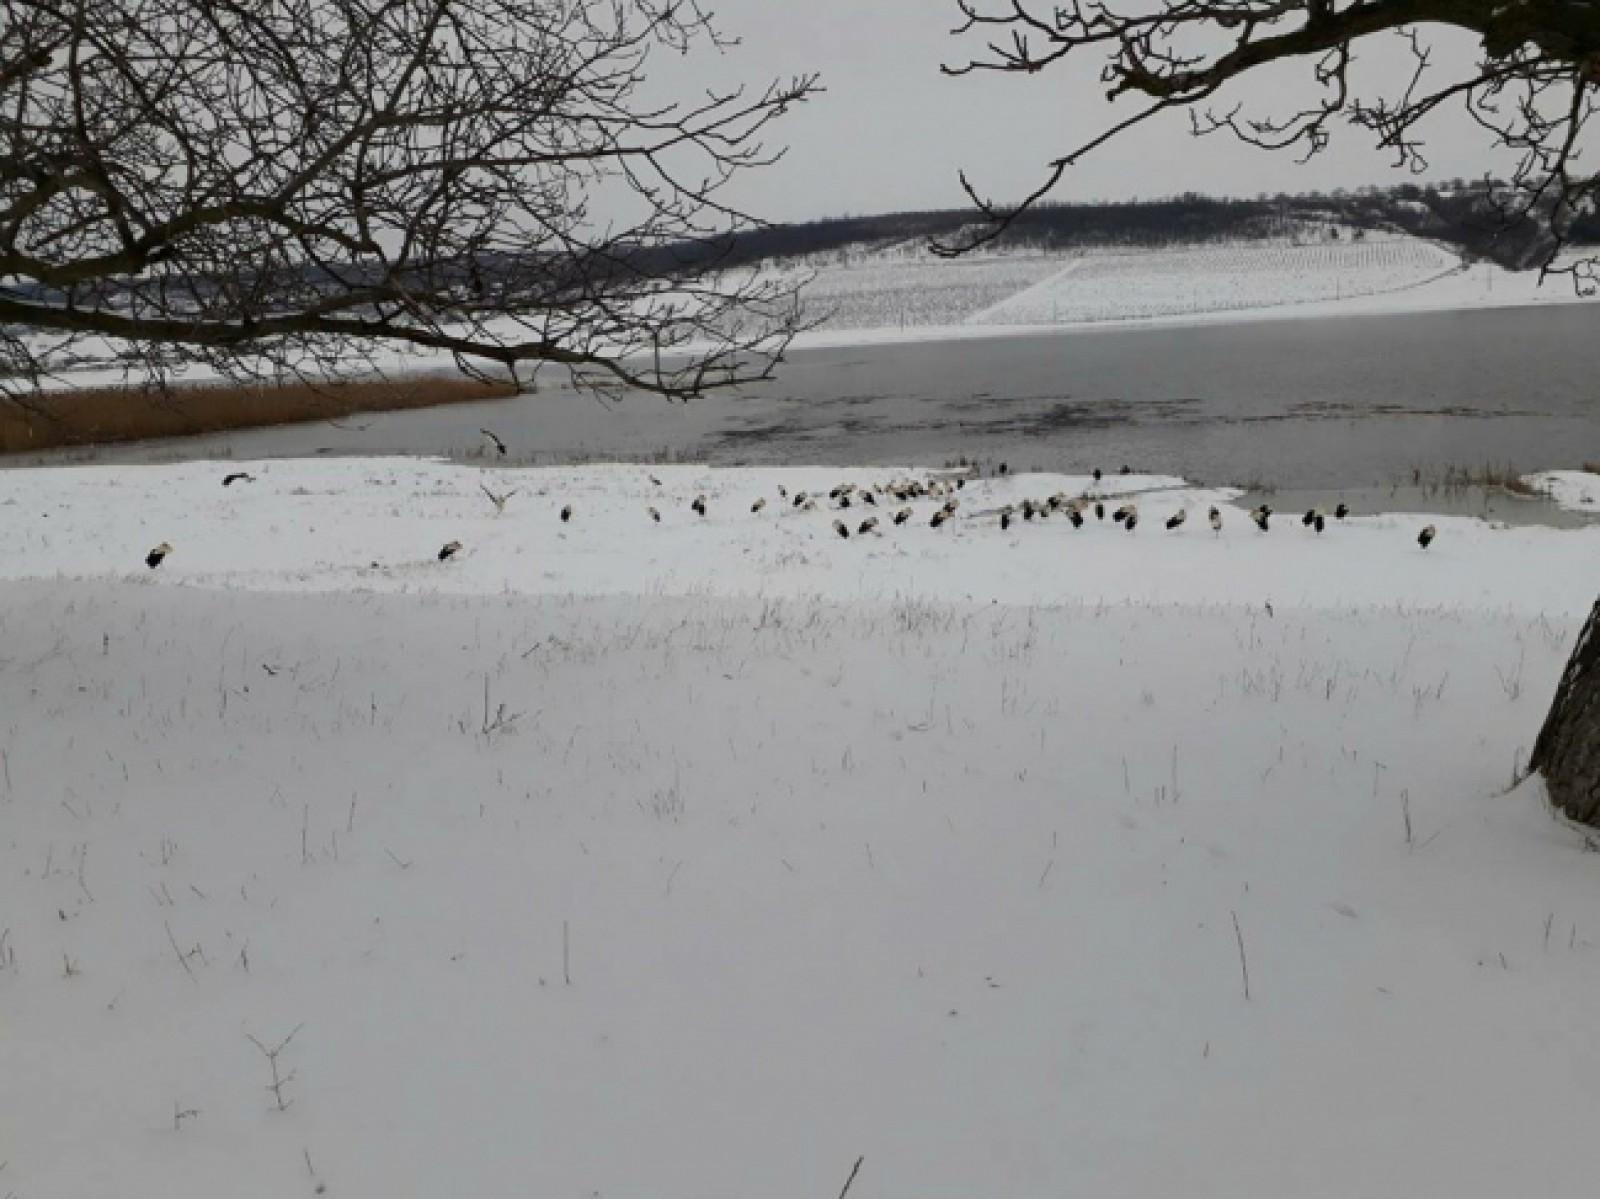 (foto) Zeci de cocostârci sunt supuși înghețului. S-au întors din țările calde, dar stau adăpostiți în zăpadă